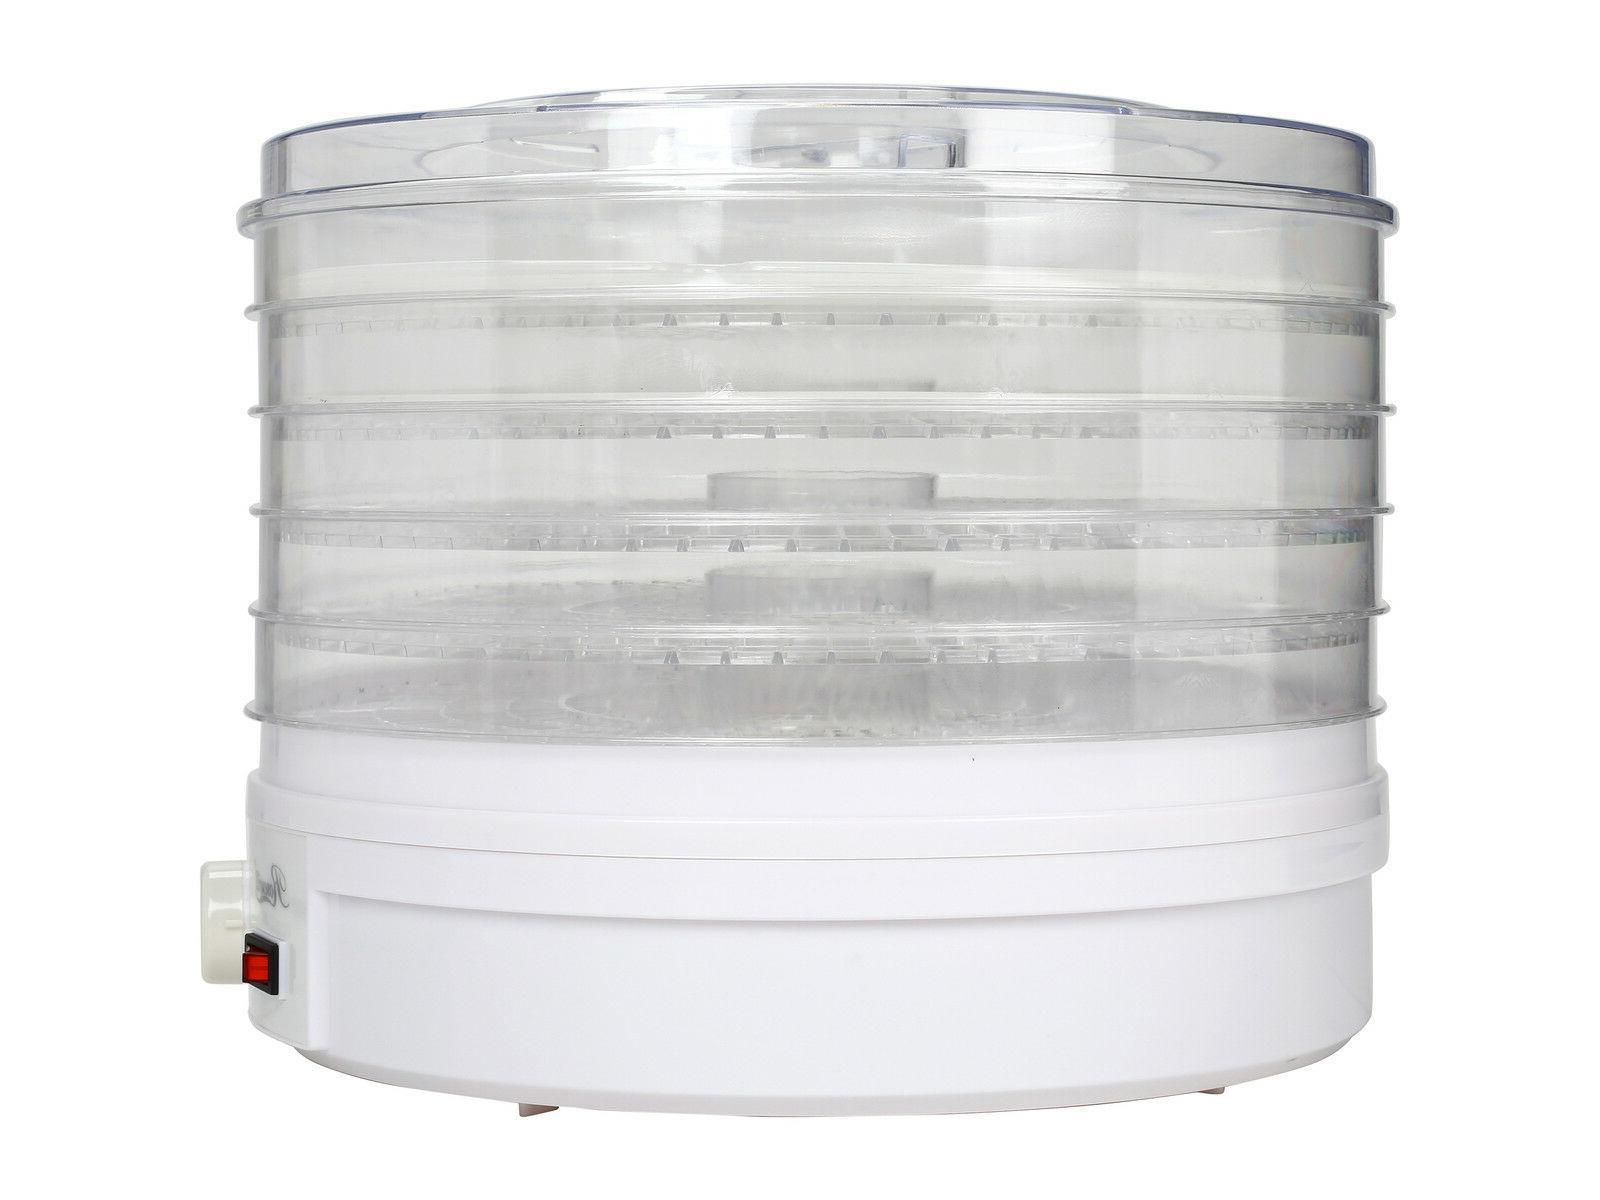 Rosewill RHFD-15001 Dehydrator